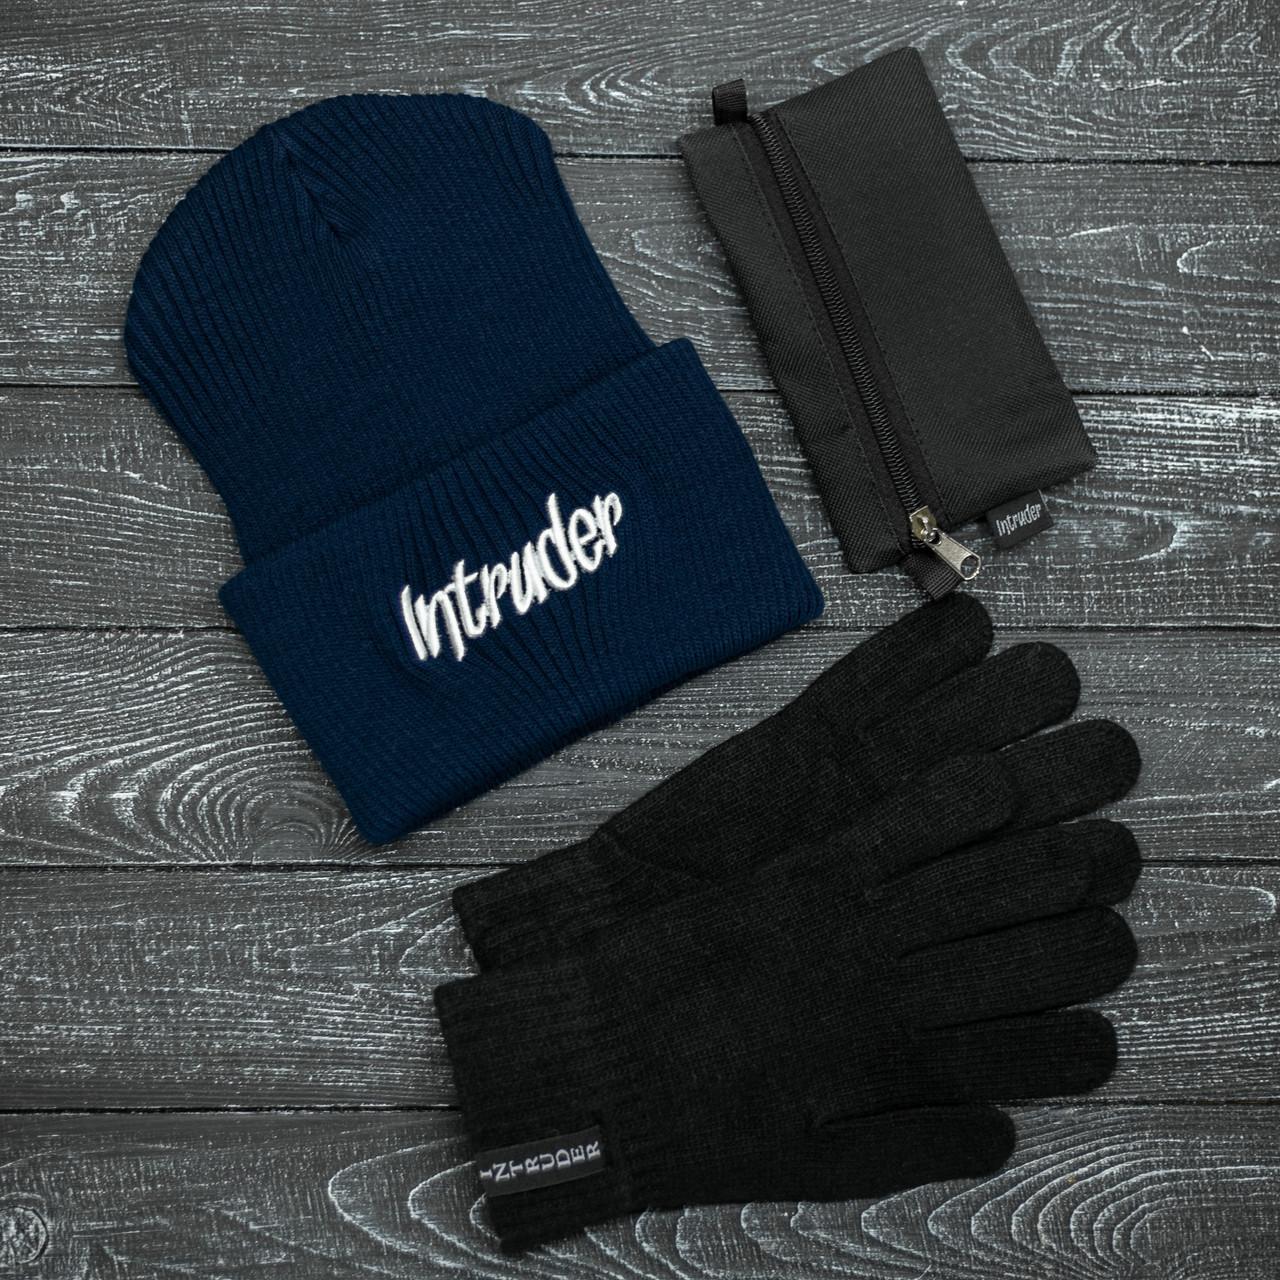 Шапка Мужская/ Женская Intruder зимняя big logo синяя и перчатки черные, зимний комплект